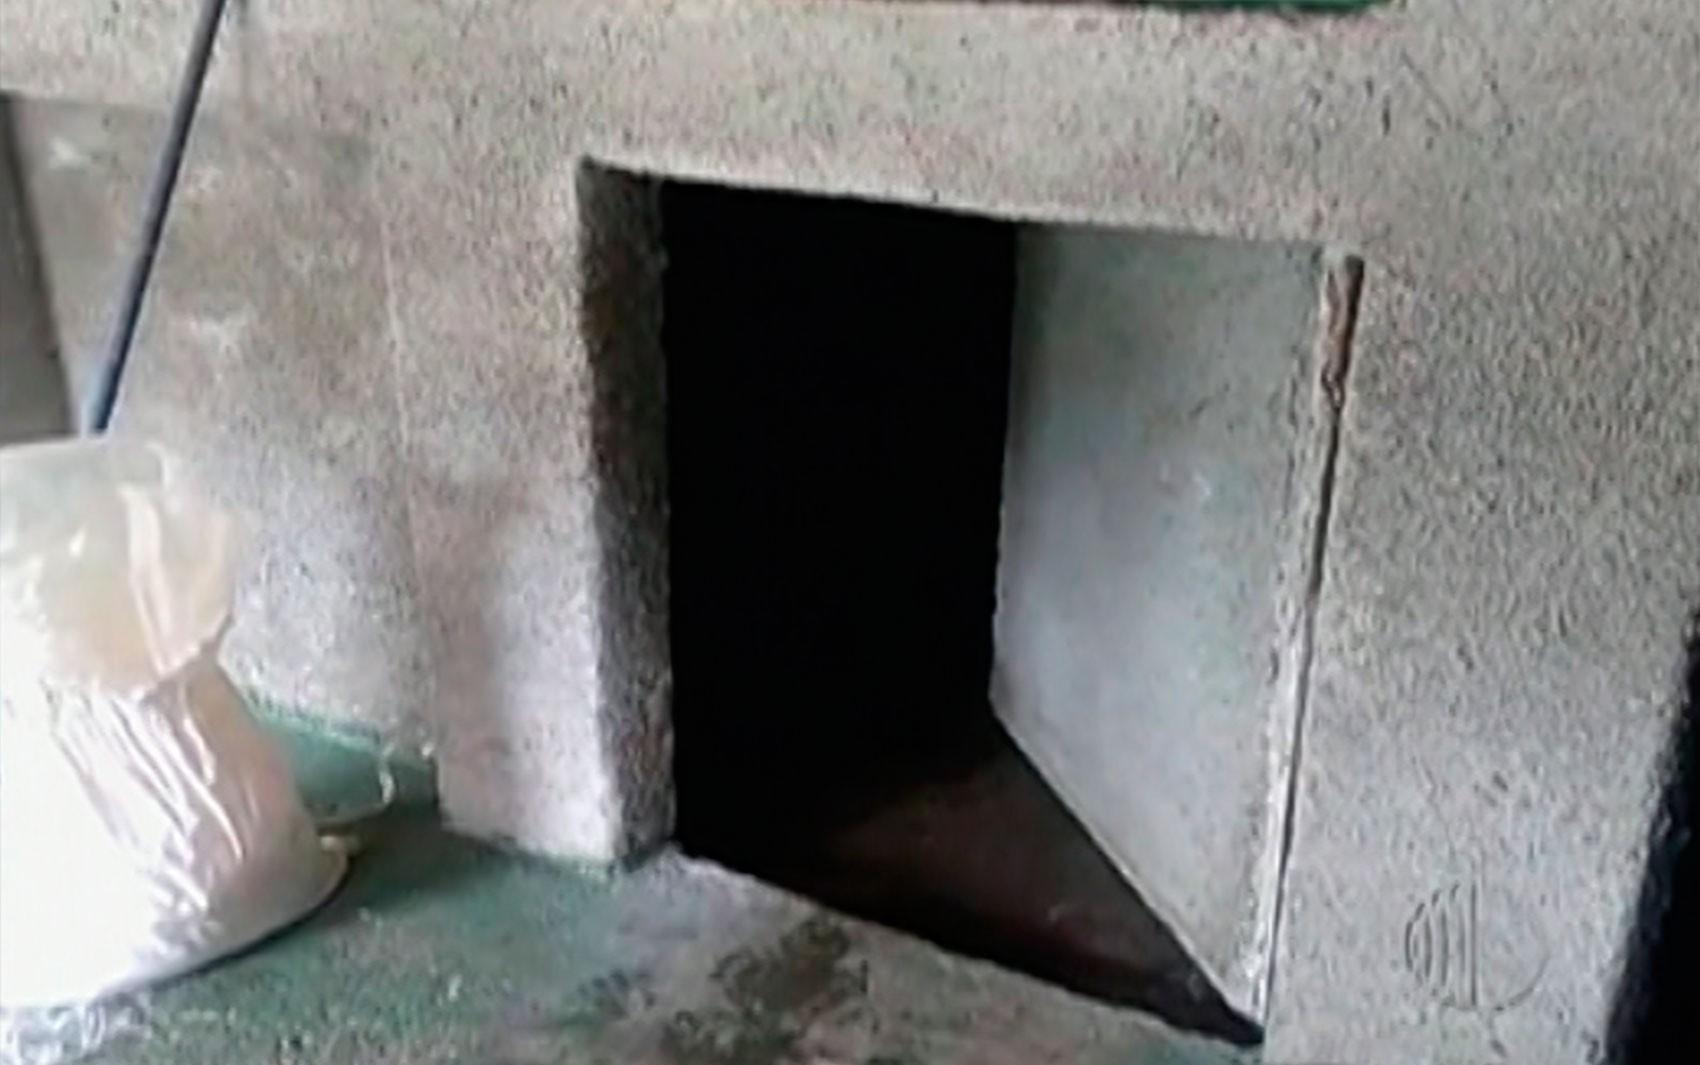 Chácara usada como refinaria de drogas em Santa Isabel tinha parede falsa com abertura eletrônica; assista